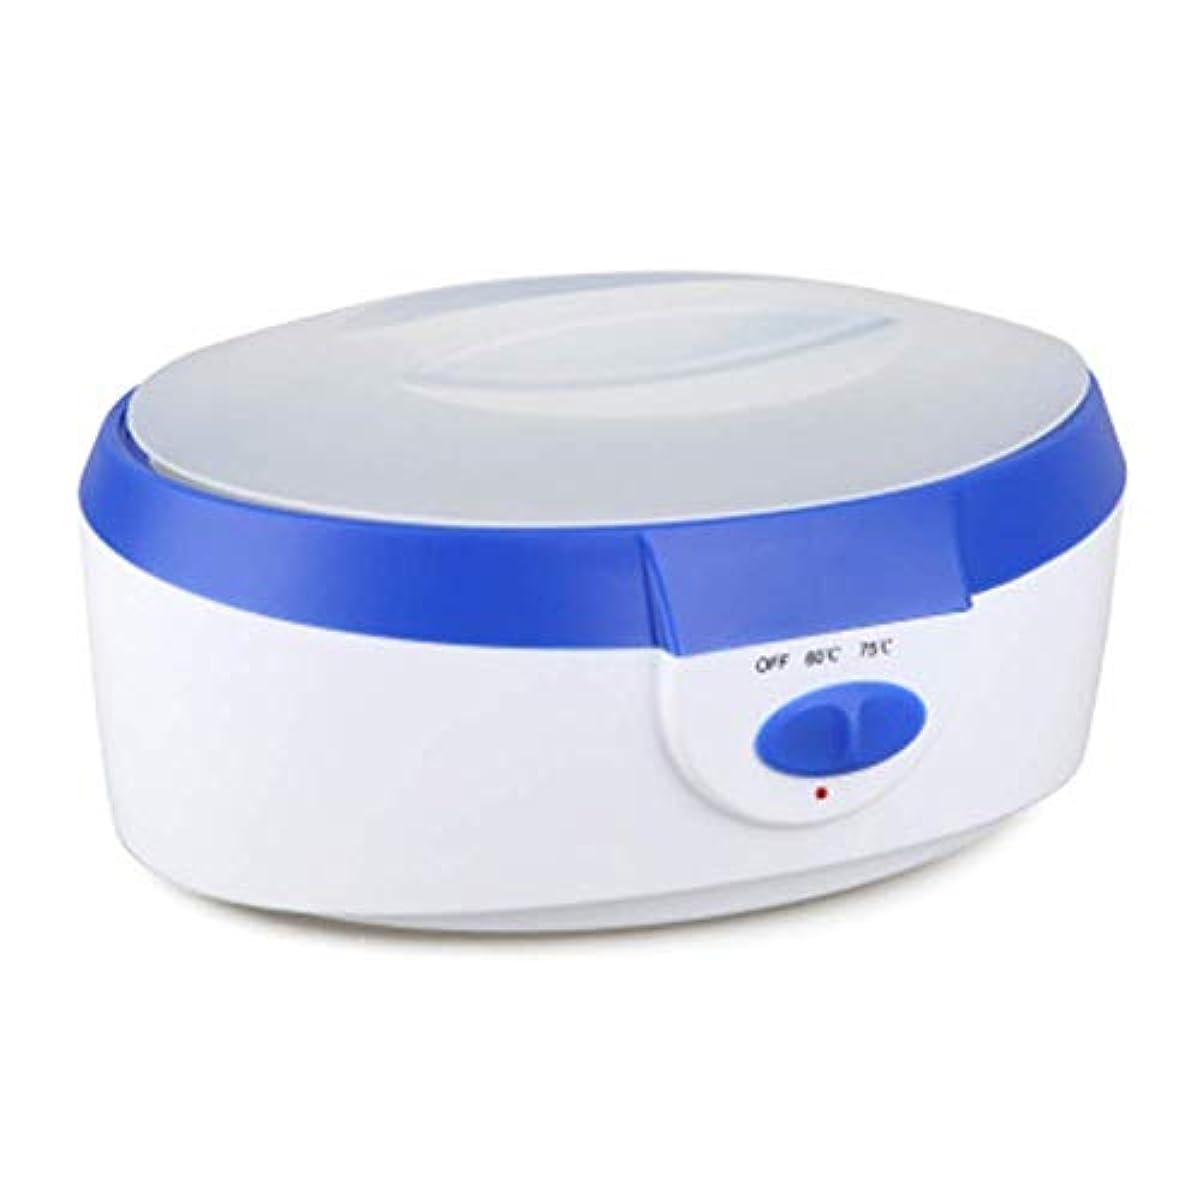 歩行者きらめきアヒル可変温度とウォーマーと内蔵サーモ安全制御脱毛脱毛のためのすべてのワックスタイプのコンテナのワックスウォーマー、プロフェッショナル電気ワックスヒーター (Color : Blue)